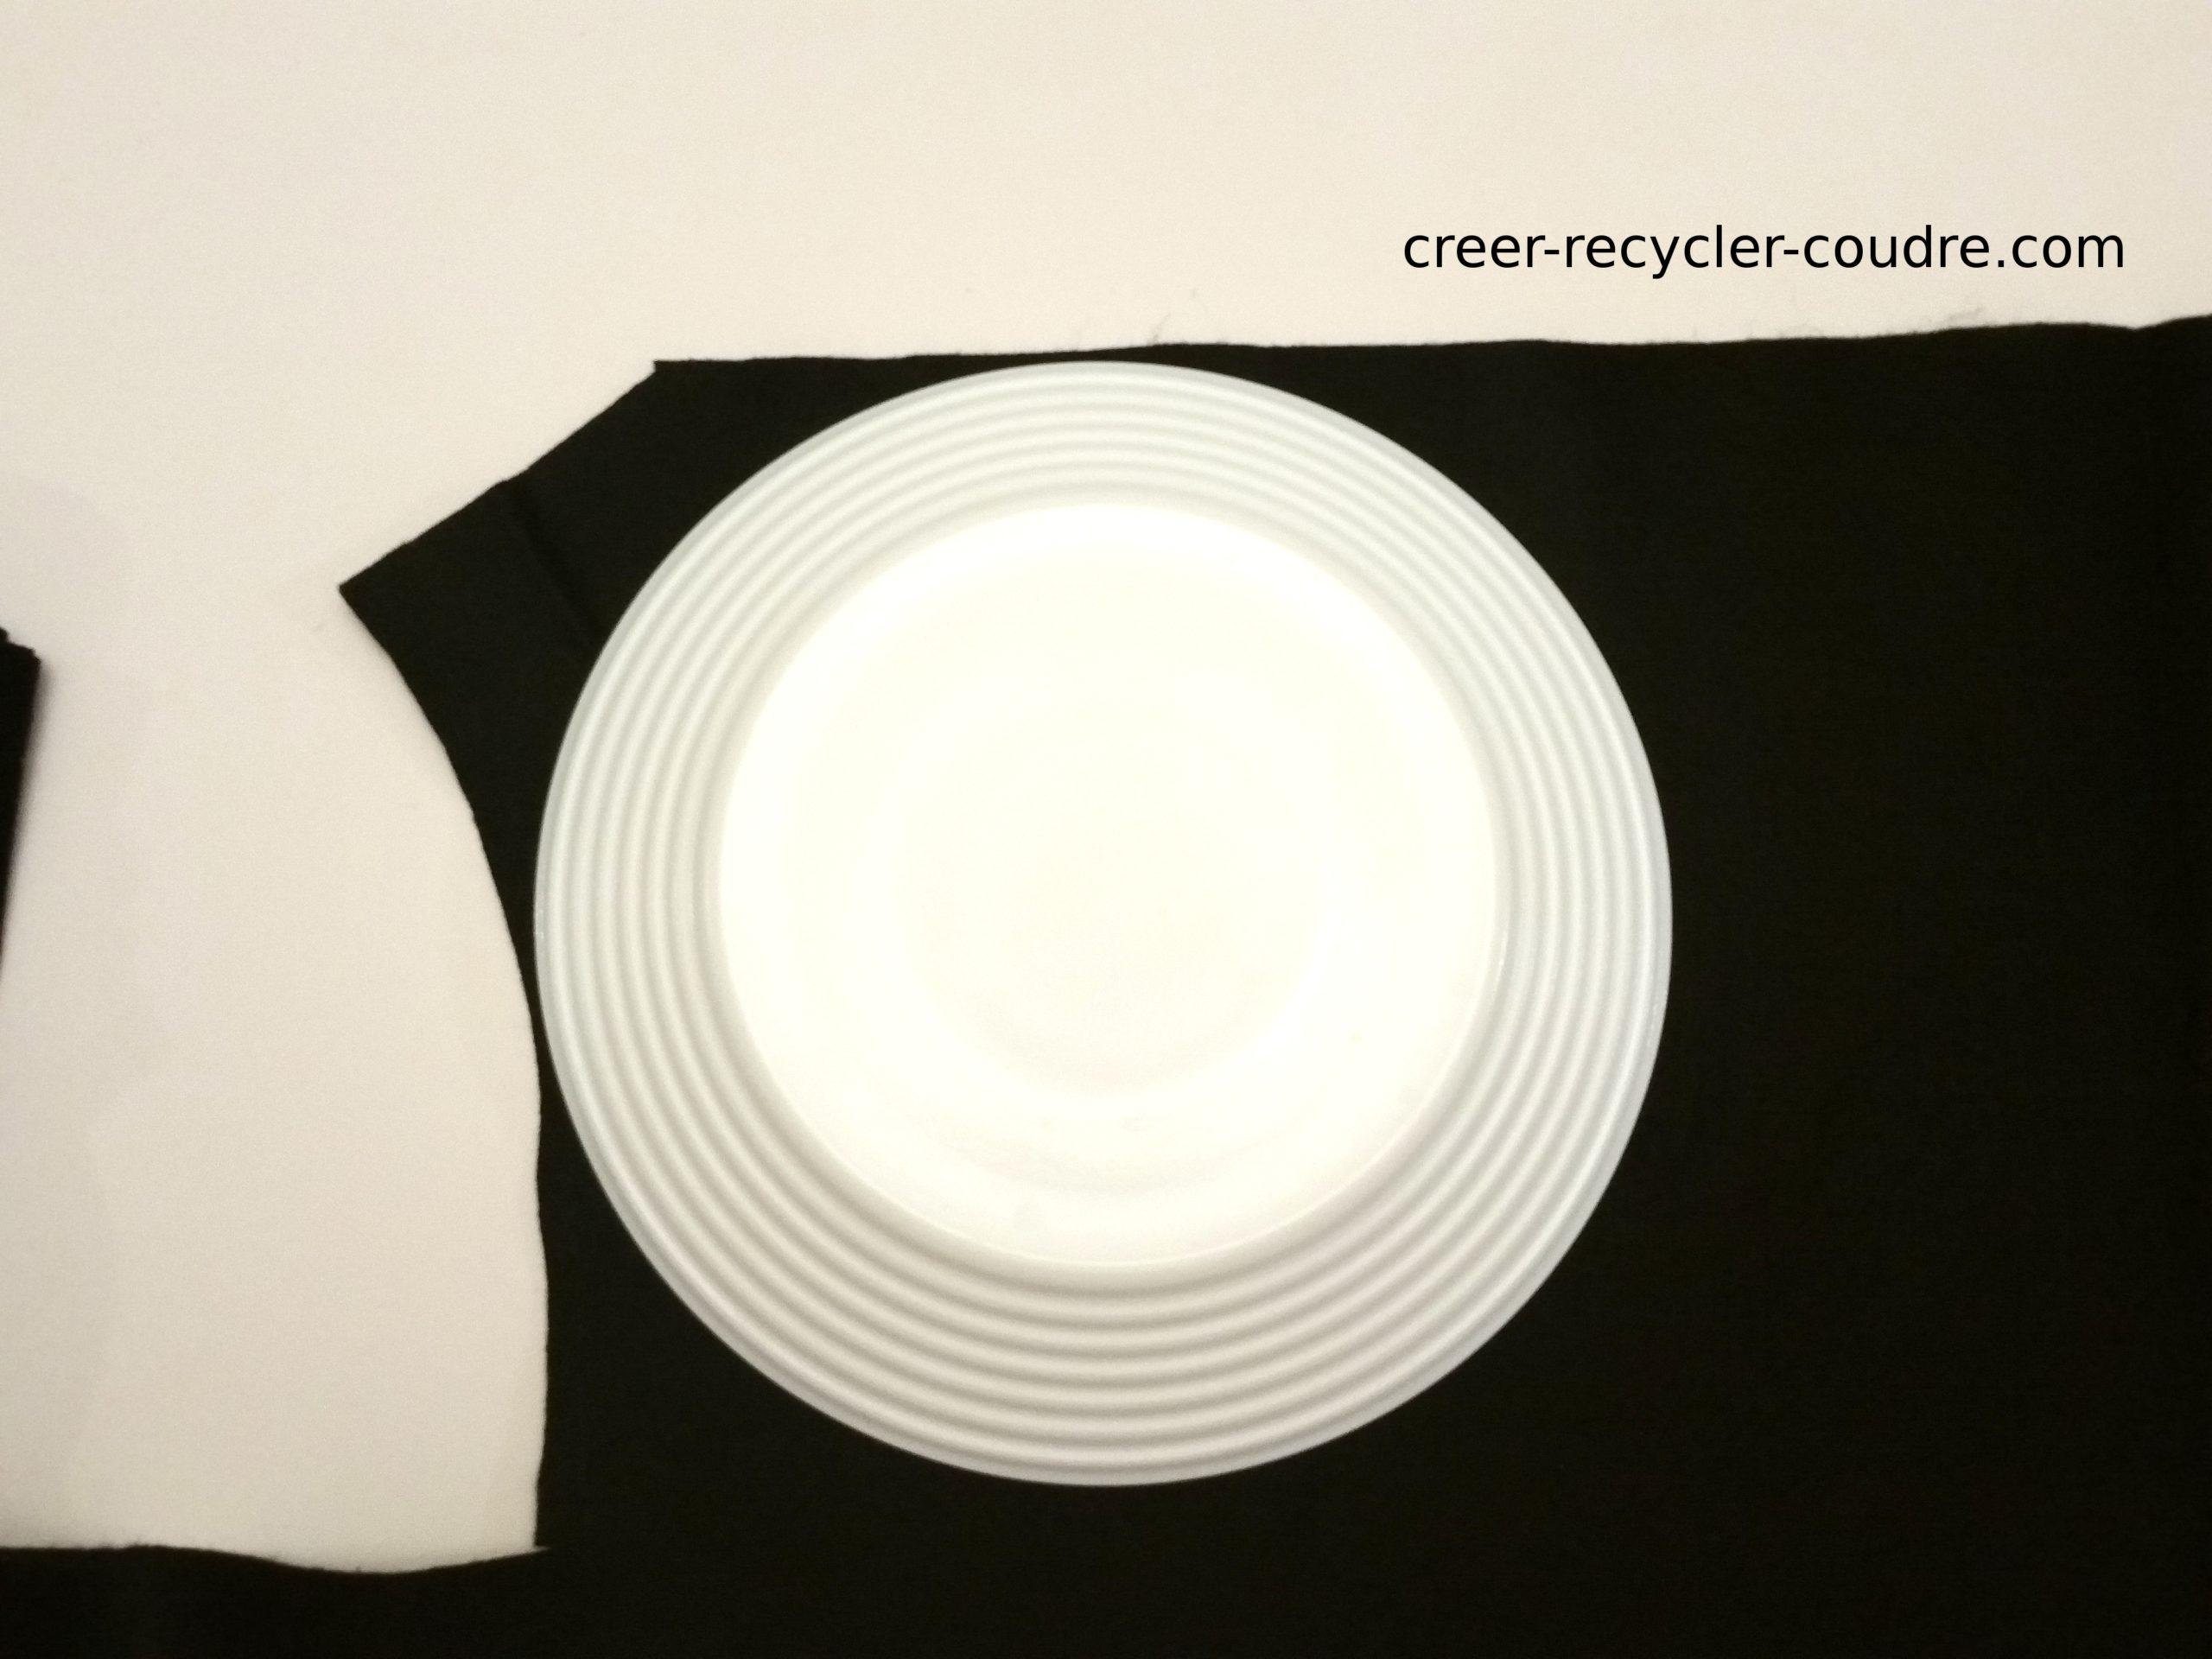 Appuyer sur l'assiette retournée